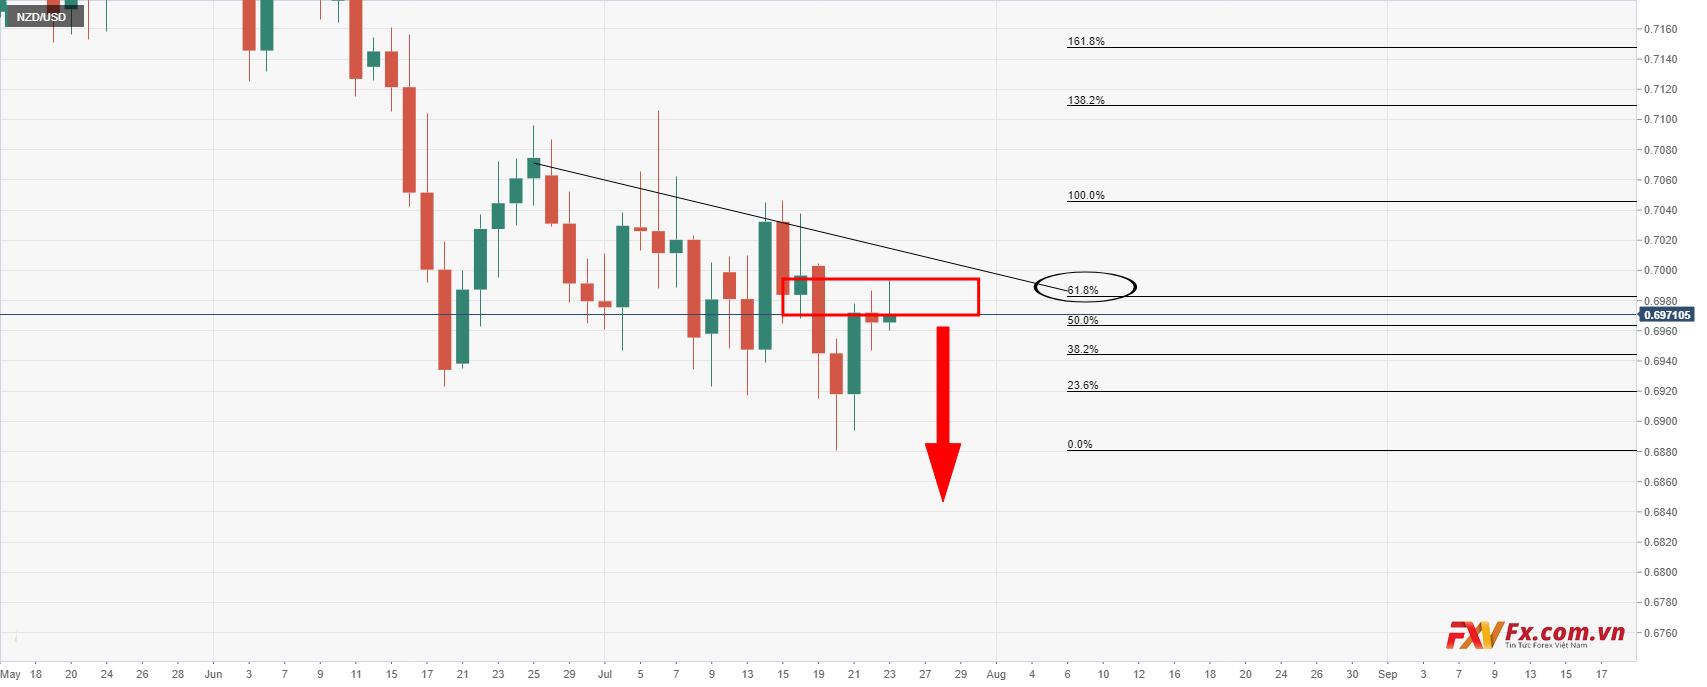 Phân tích kỹ thuật NZD/USD